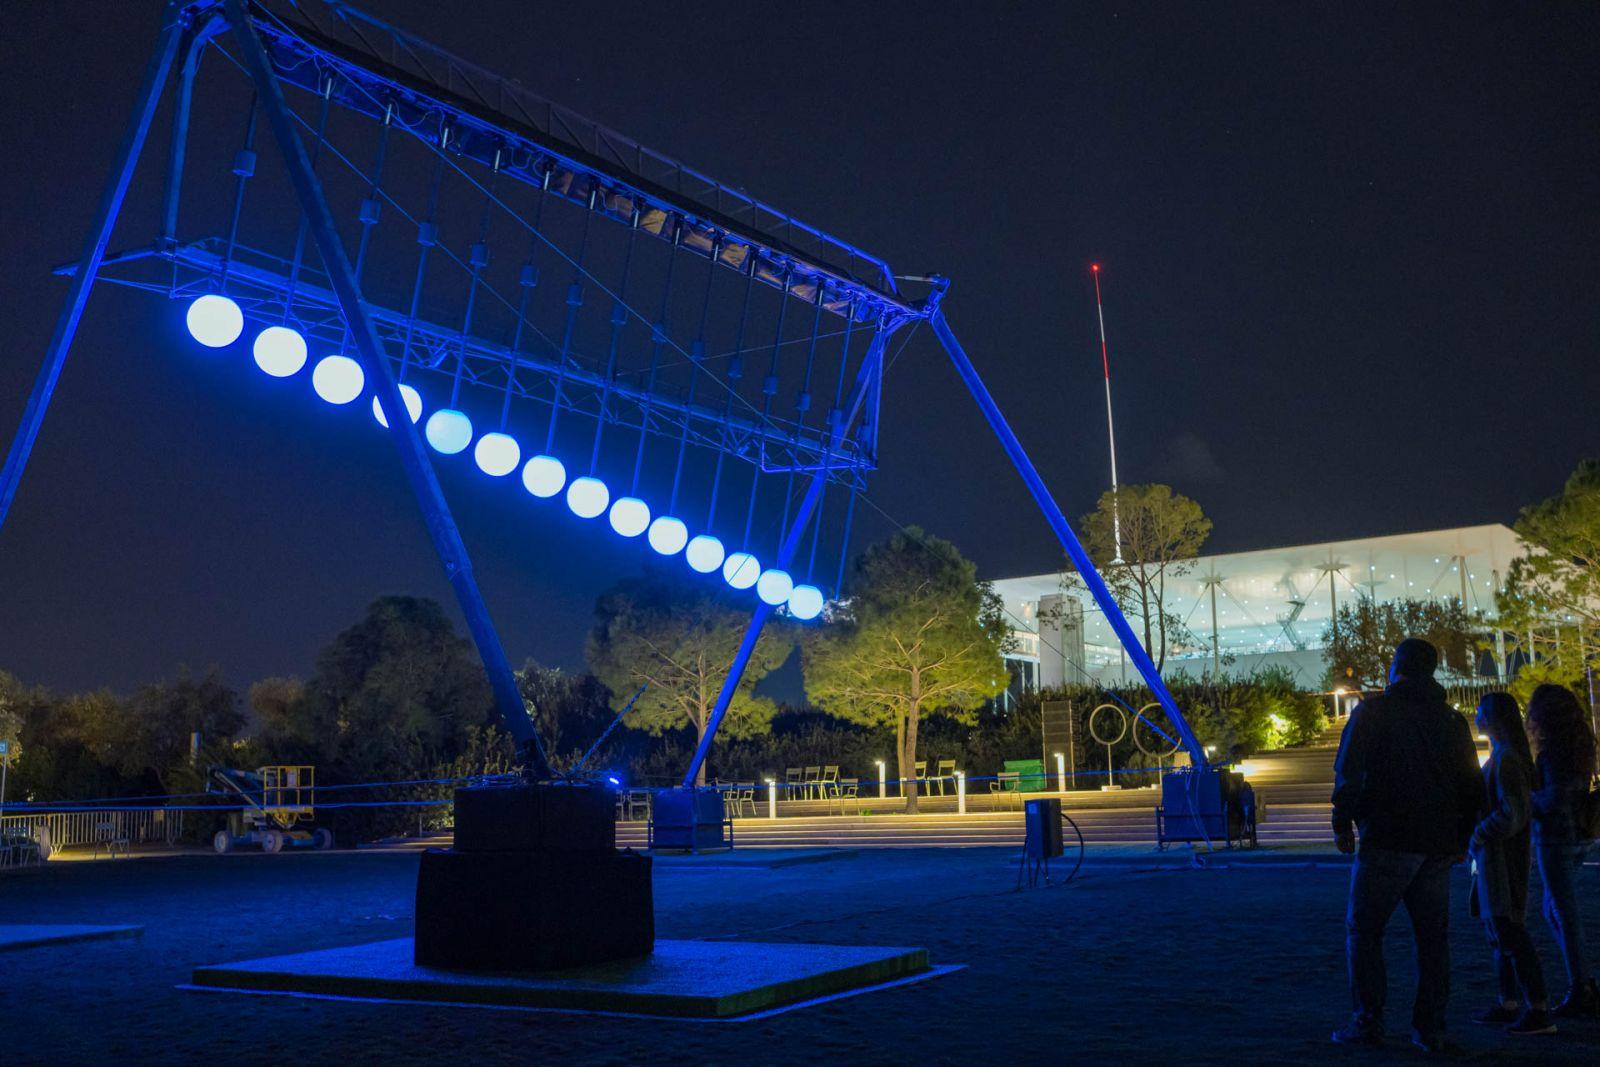 Φωτογραφία από τη φωτεινή εγκατάσταση Large Pendulum Wave στο Πάρκο Σταύρος Νιάρχος